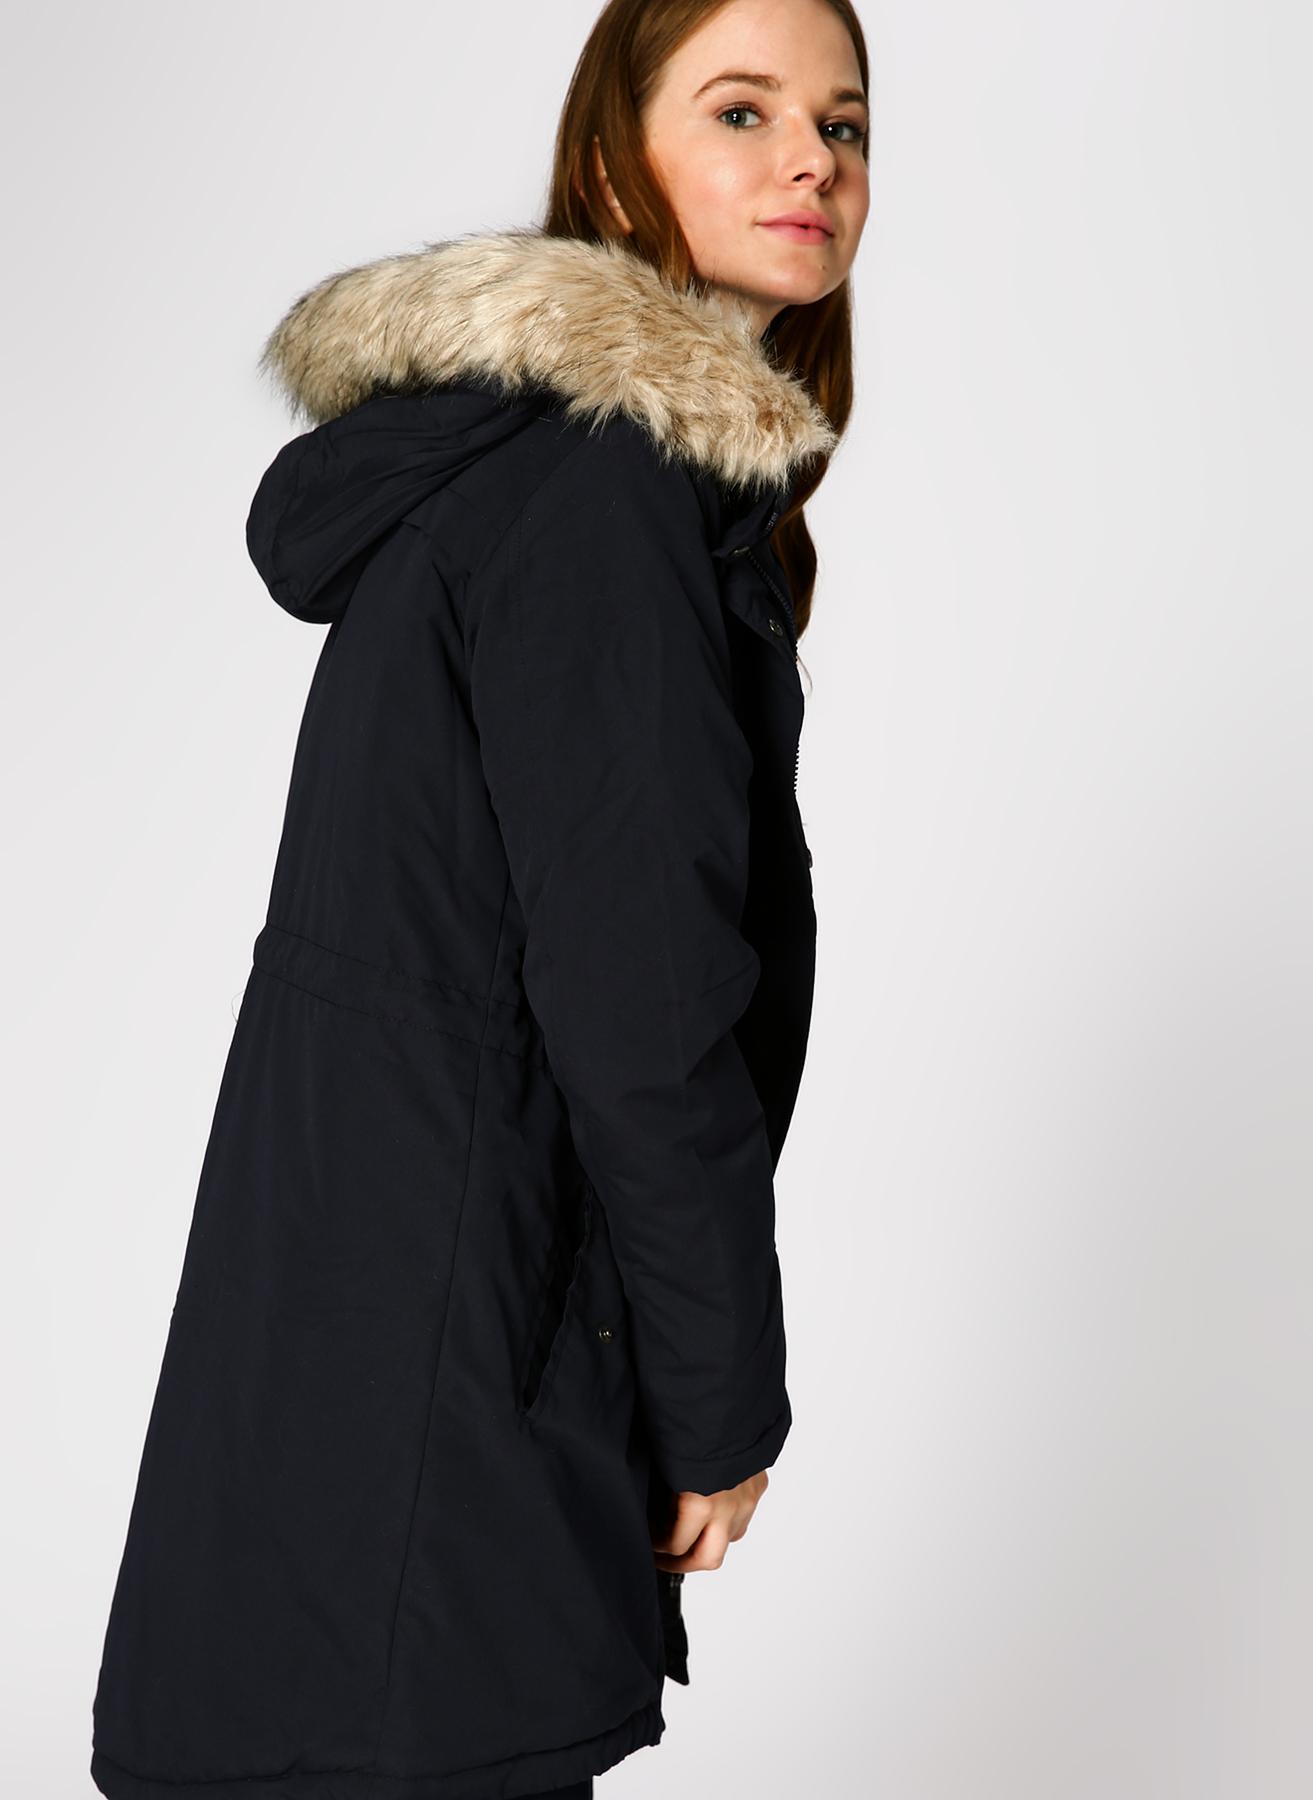 Vero Moda Kapüşonlu Lacivert Mont XS 5001705204004 Ürün Resmi